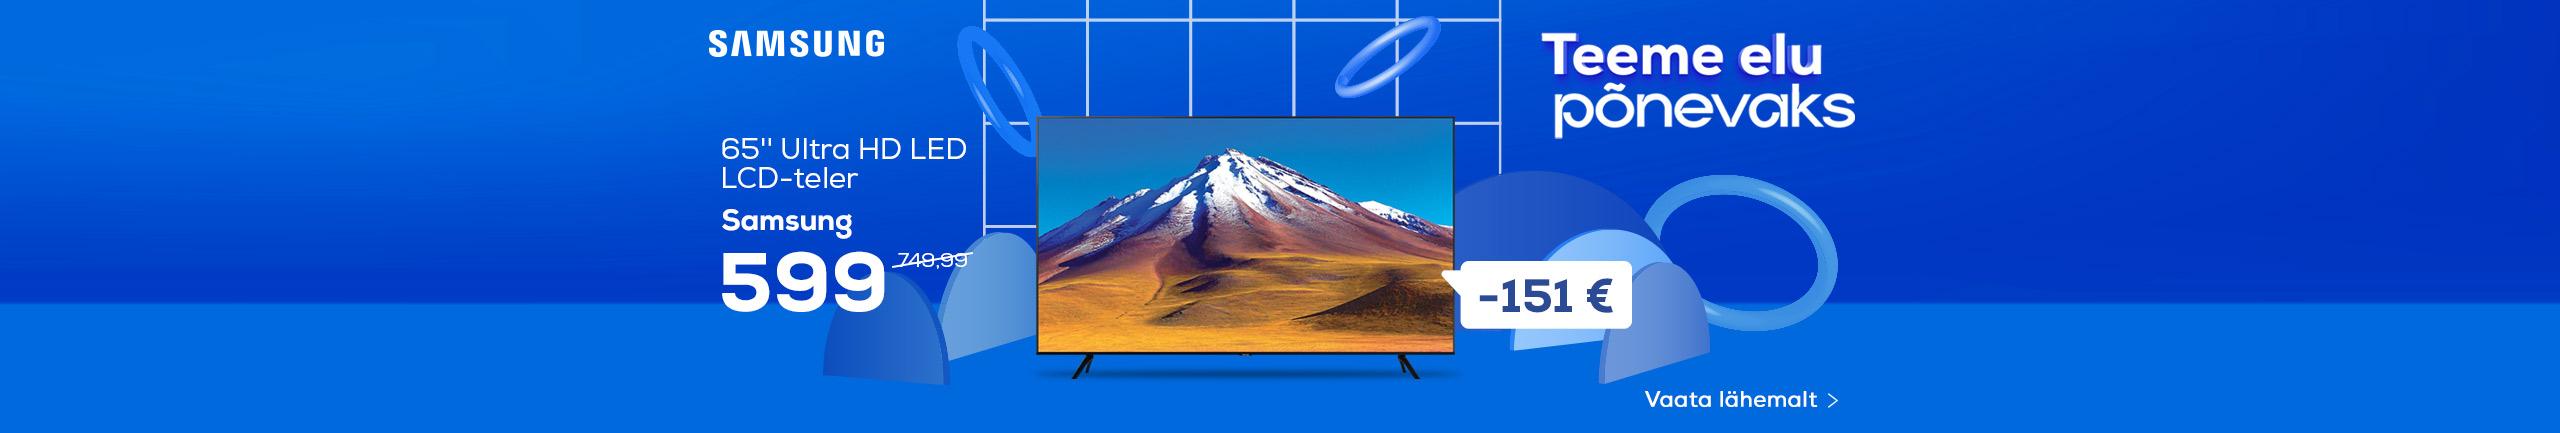 NPL Teeme elu lihtsaks, Samsung TV